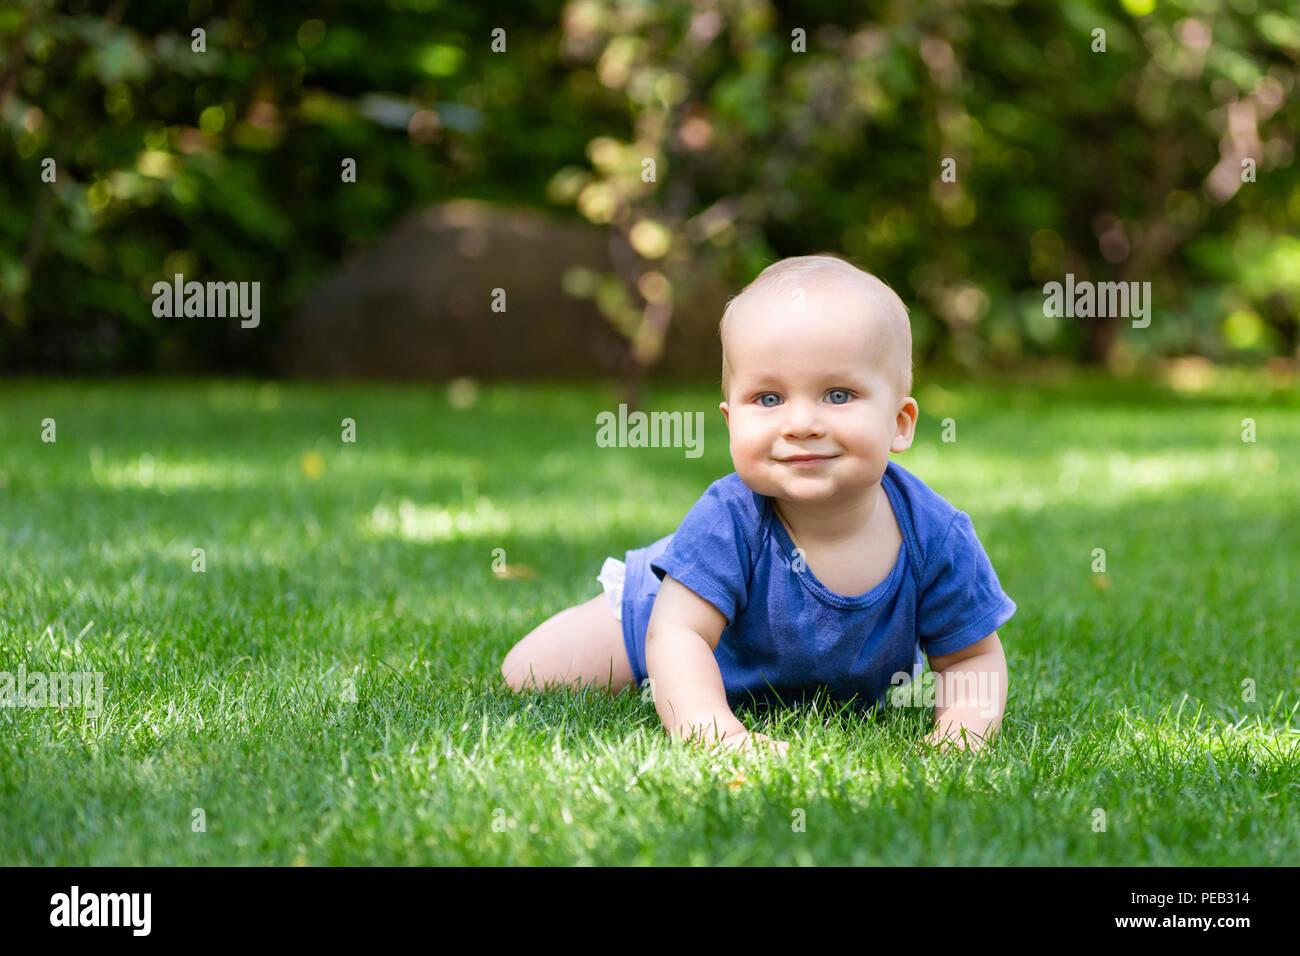 Cute Little Baby Boy rubia arrastrándose sobre césped verde y fresco. Kid divertirse haciendo los primeros pasos en el cortado de césped natural. Concepto de infancia feliz y saludable Imagen De Stock